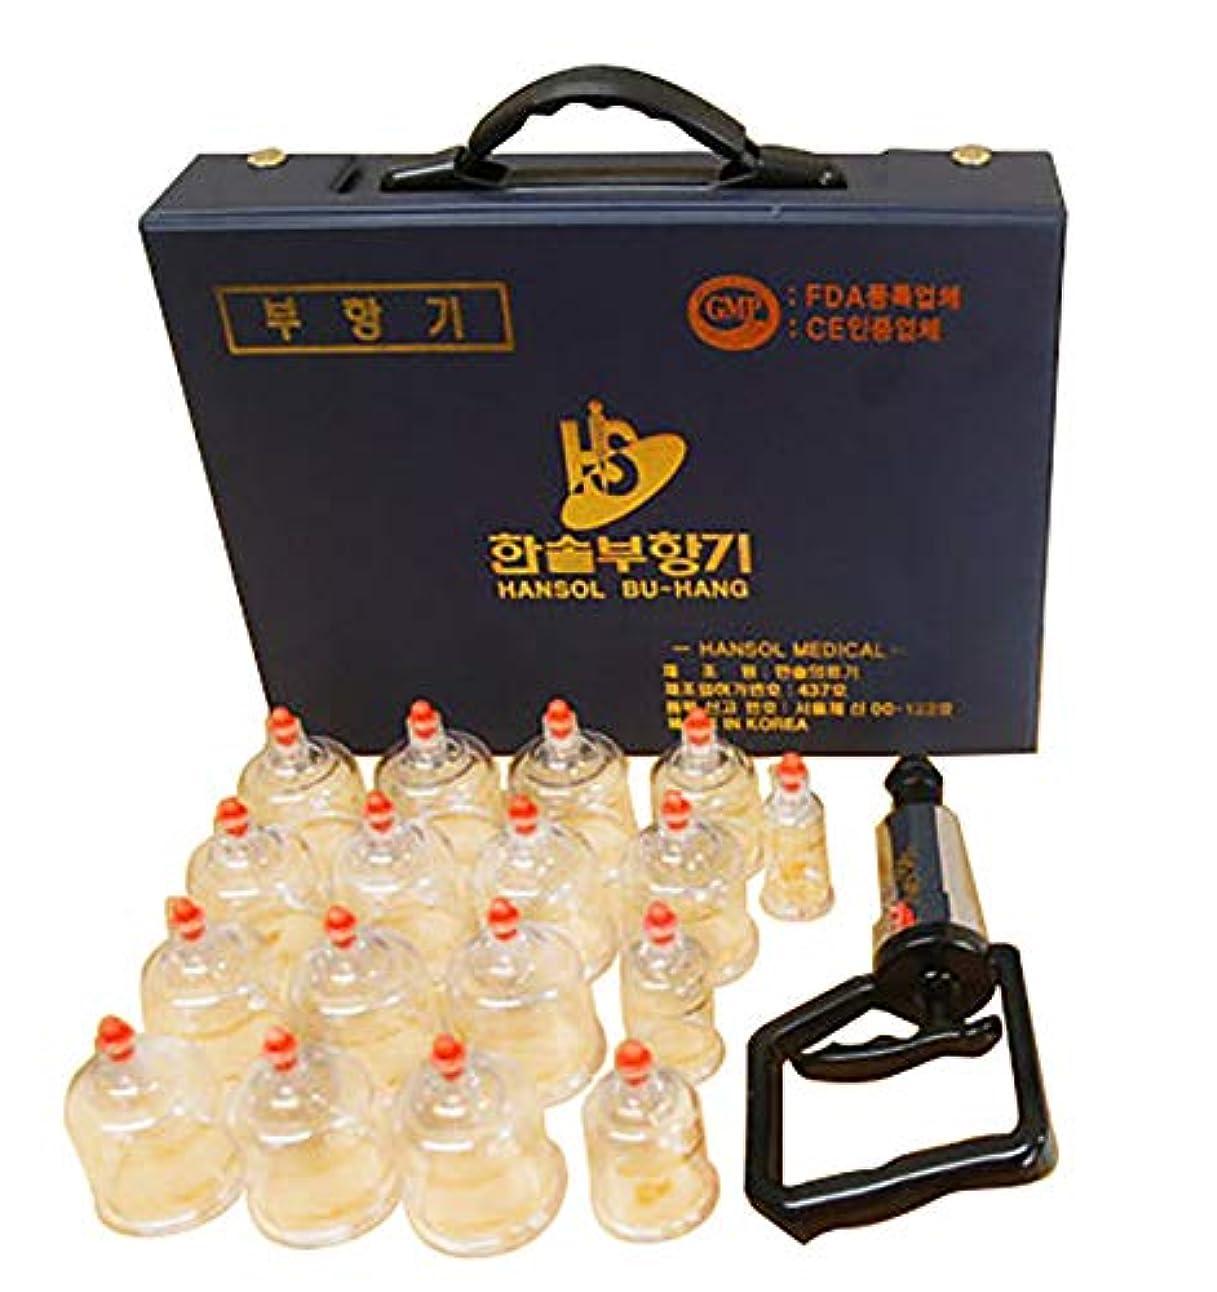 出力浸食どう?中国四千年の健康法「吸玉」がご家庭で手軽にできる!ハンソルメディカル ブハン カッピングカップ17個セット